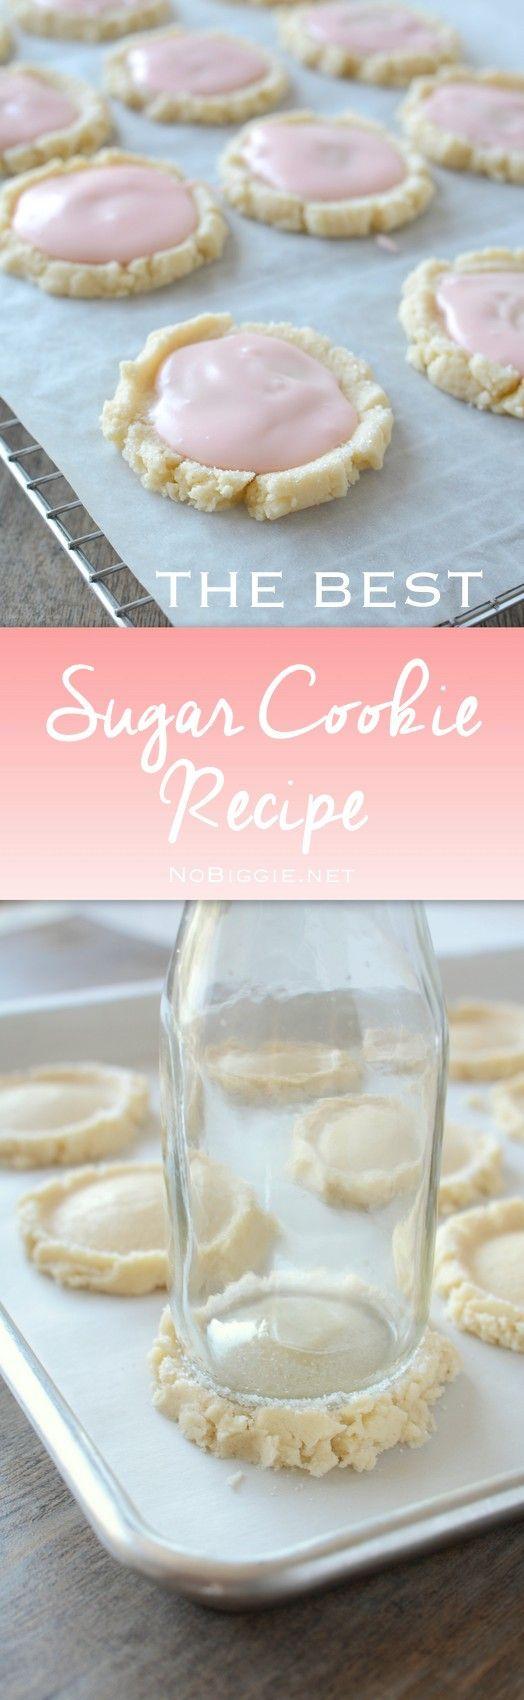 La mejor receta de galletas de azúcar - trago estilo |  NoBiggie.net